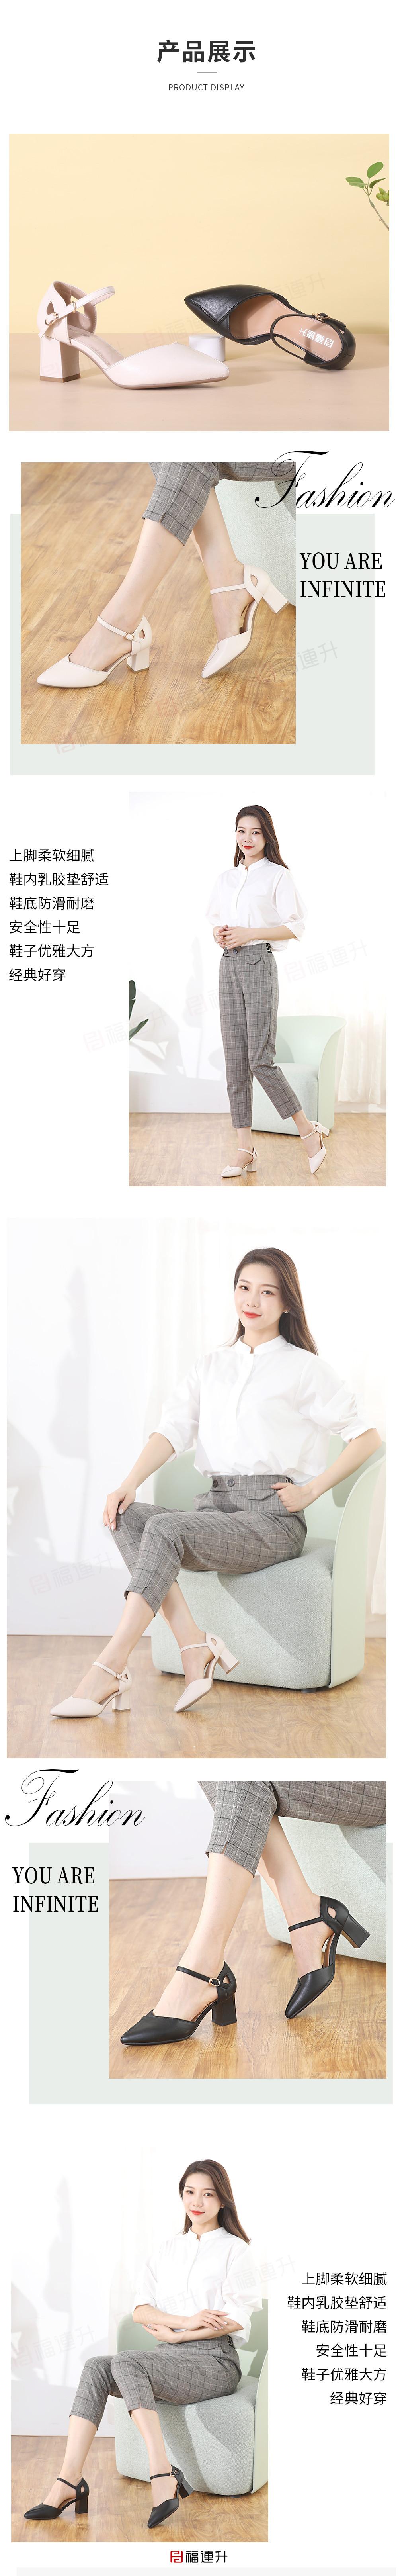 福连升夏季凉鞋女仙女风复古百搭中高跟鞋配裙子工作鞋图片